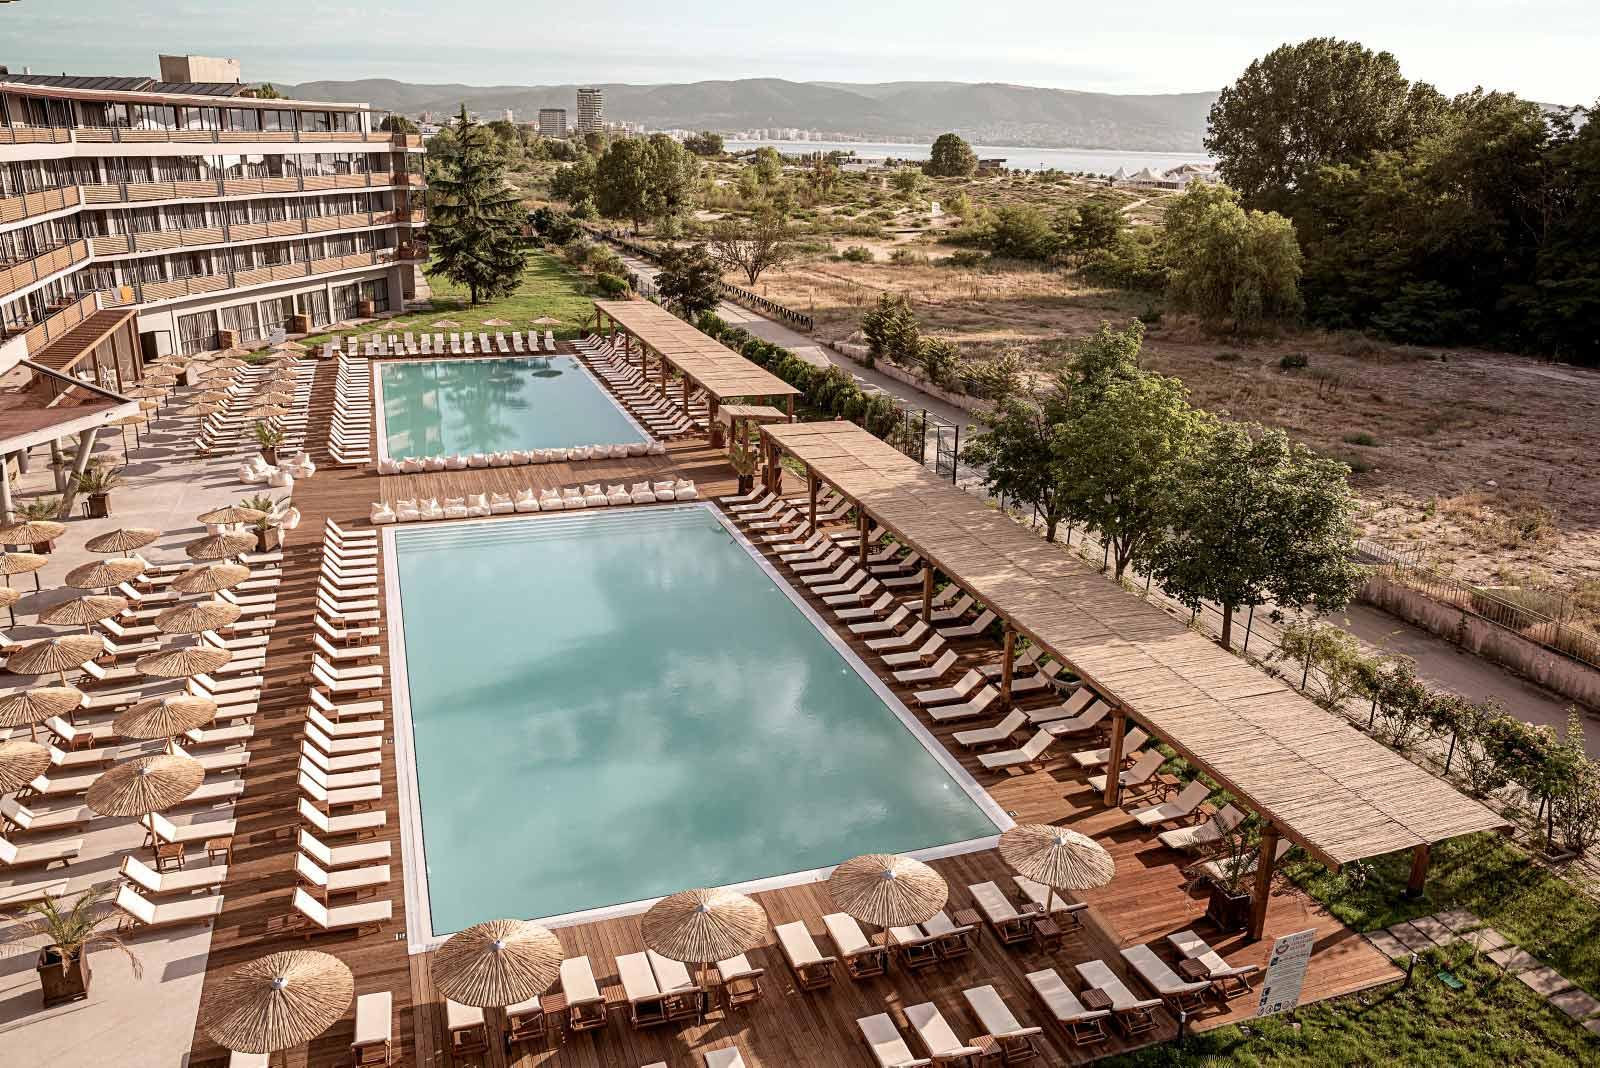 bg boj cooks club sunny be 4zfi6ku 00041 Нови хотели под бранд на Thomas Cook отварят в Гърция и Турция